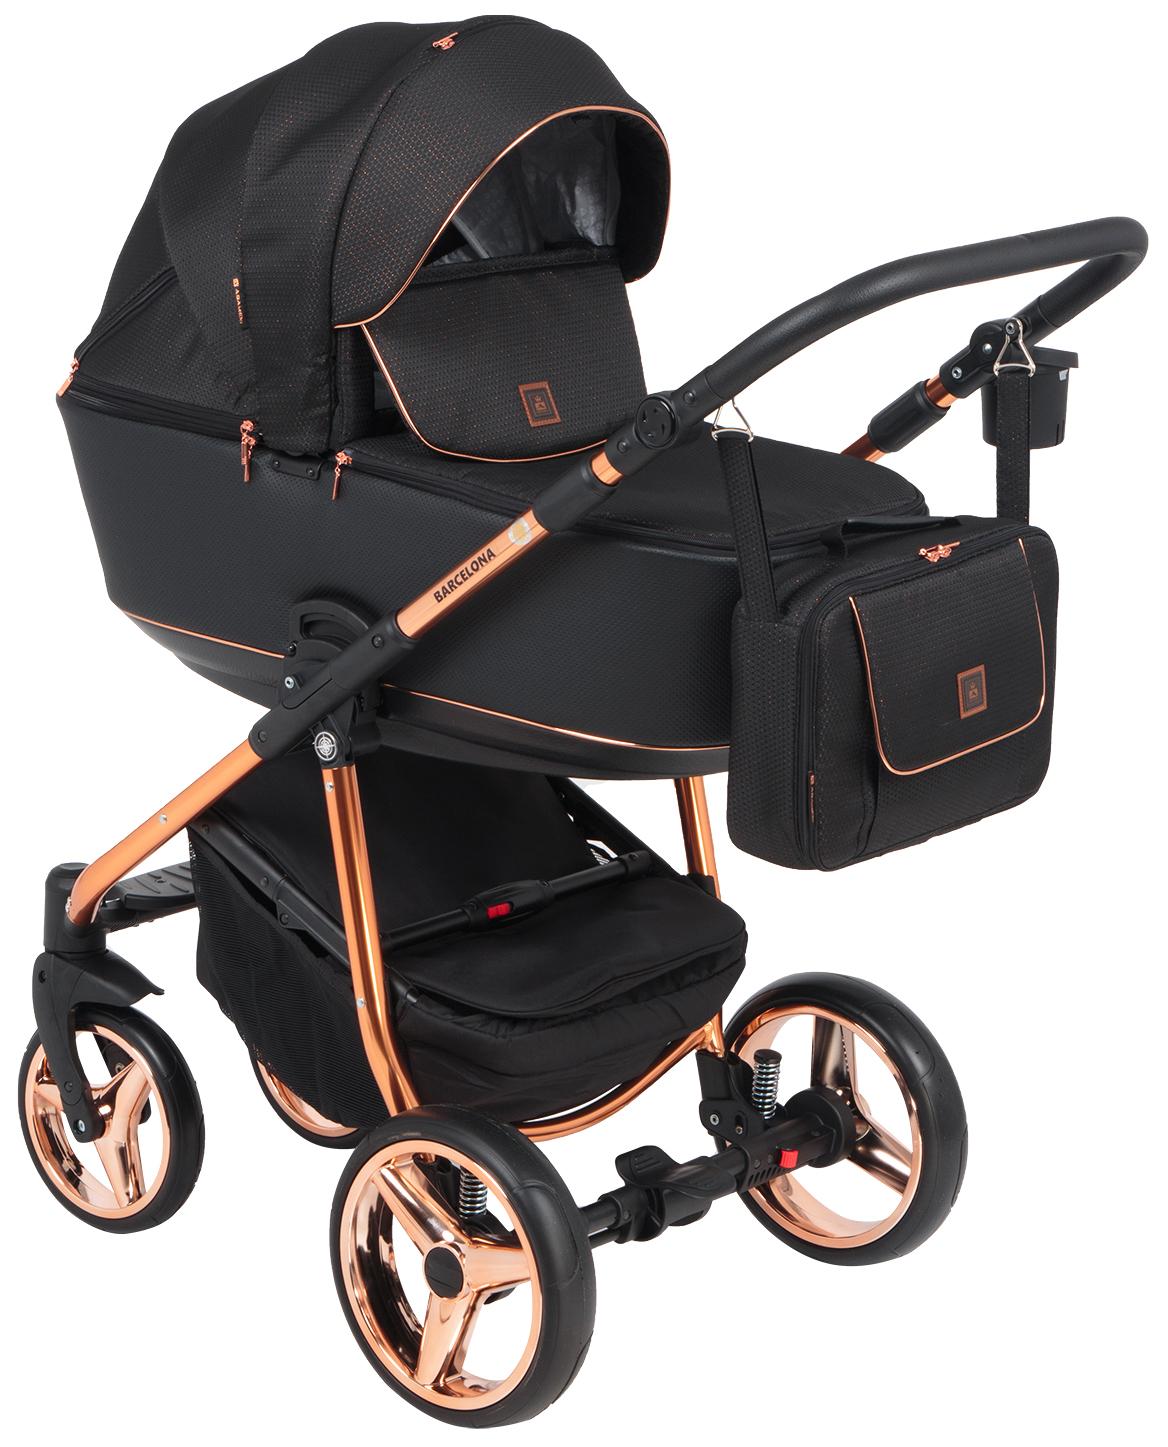 Купить Коляска 3 в 1 Adamex Barcelona special edition BR-603 цвет черный жаккард, Детские коляски 3 в 1